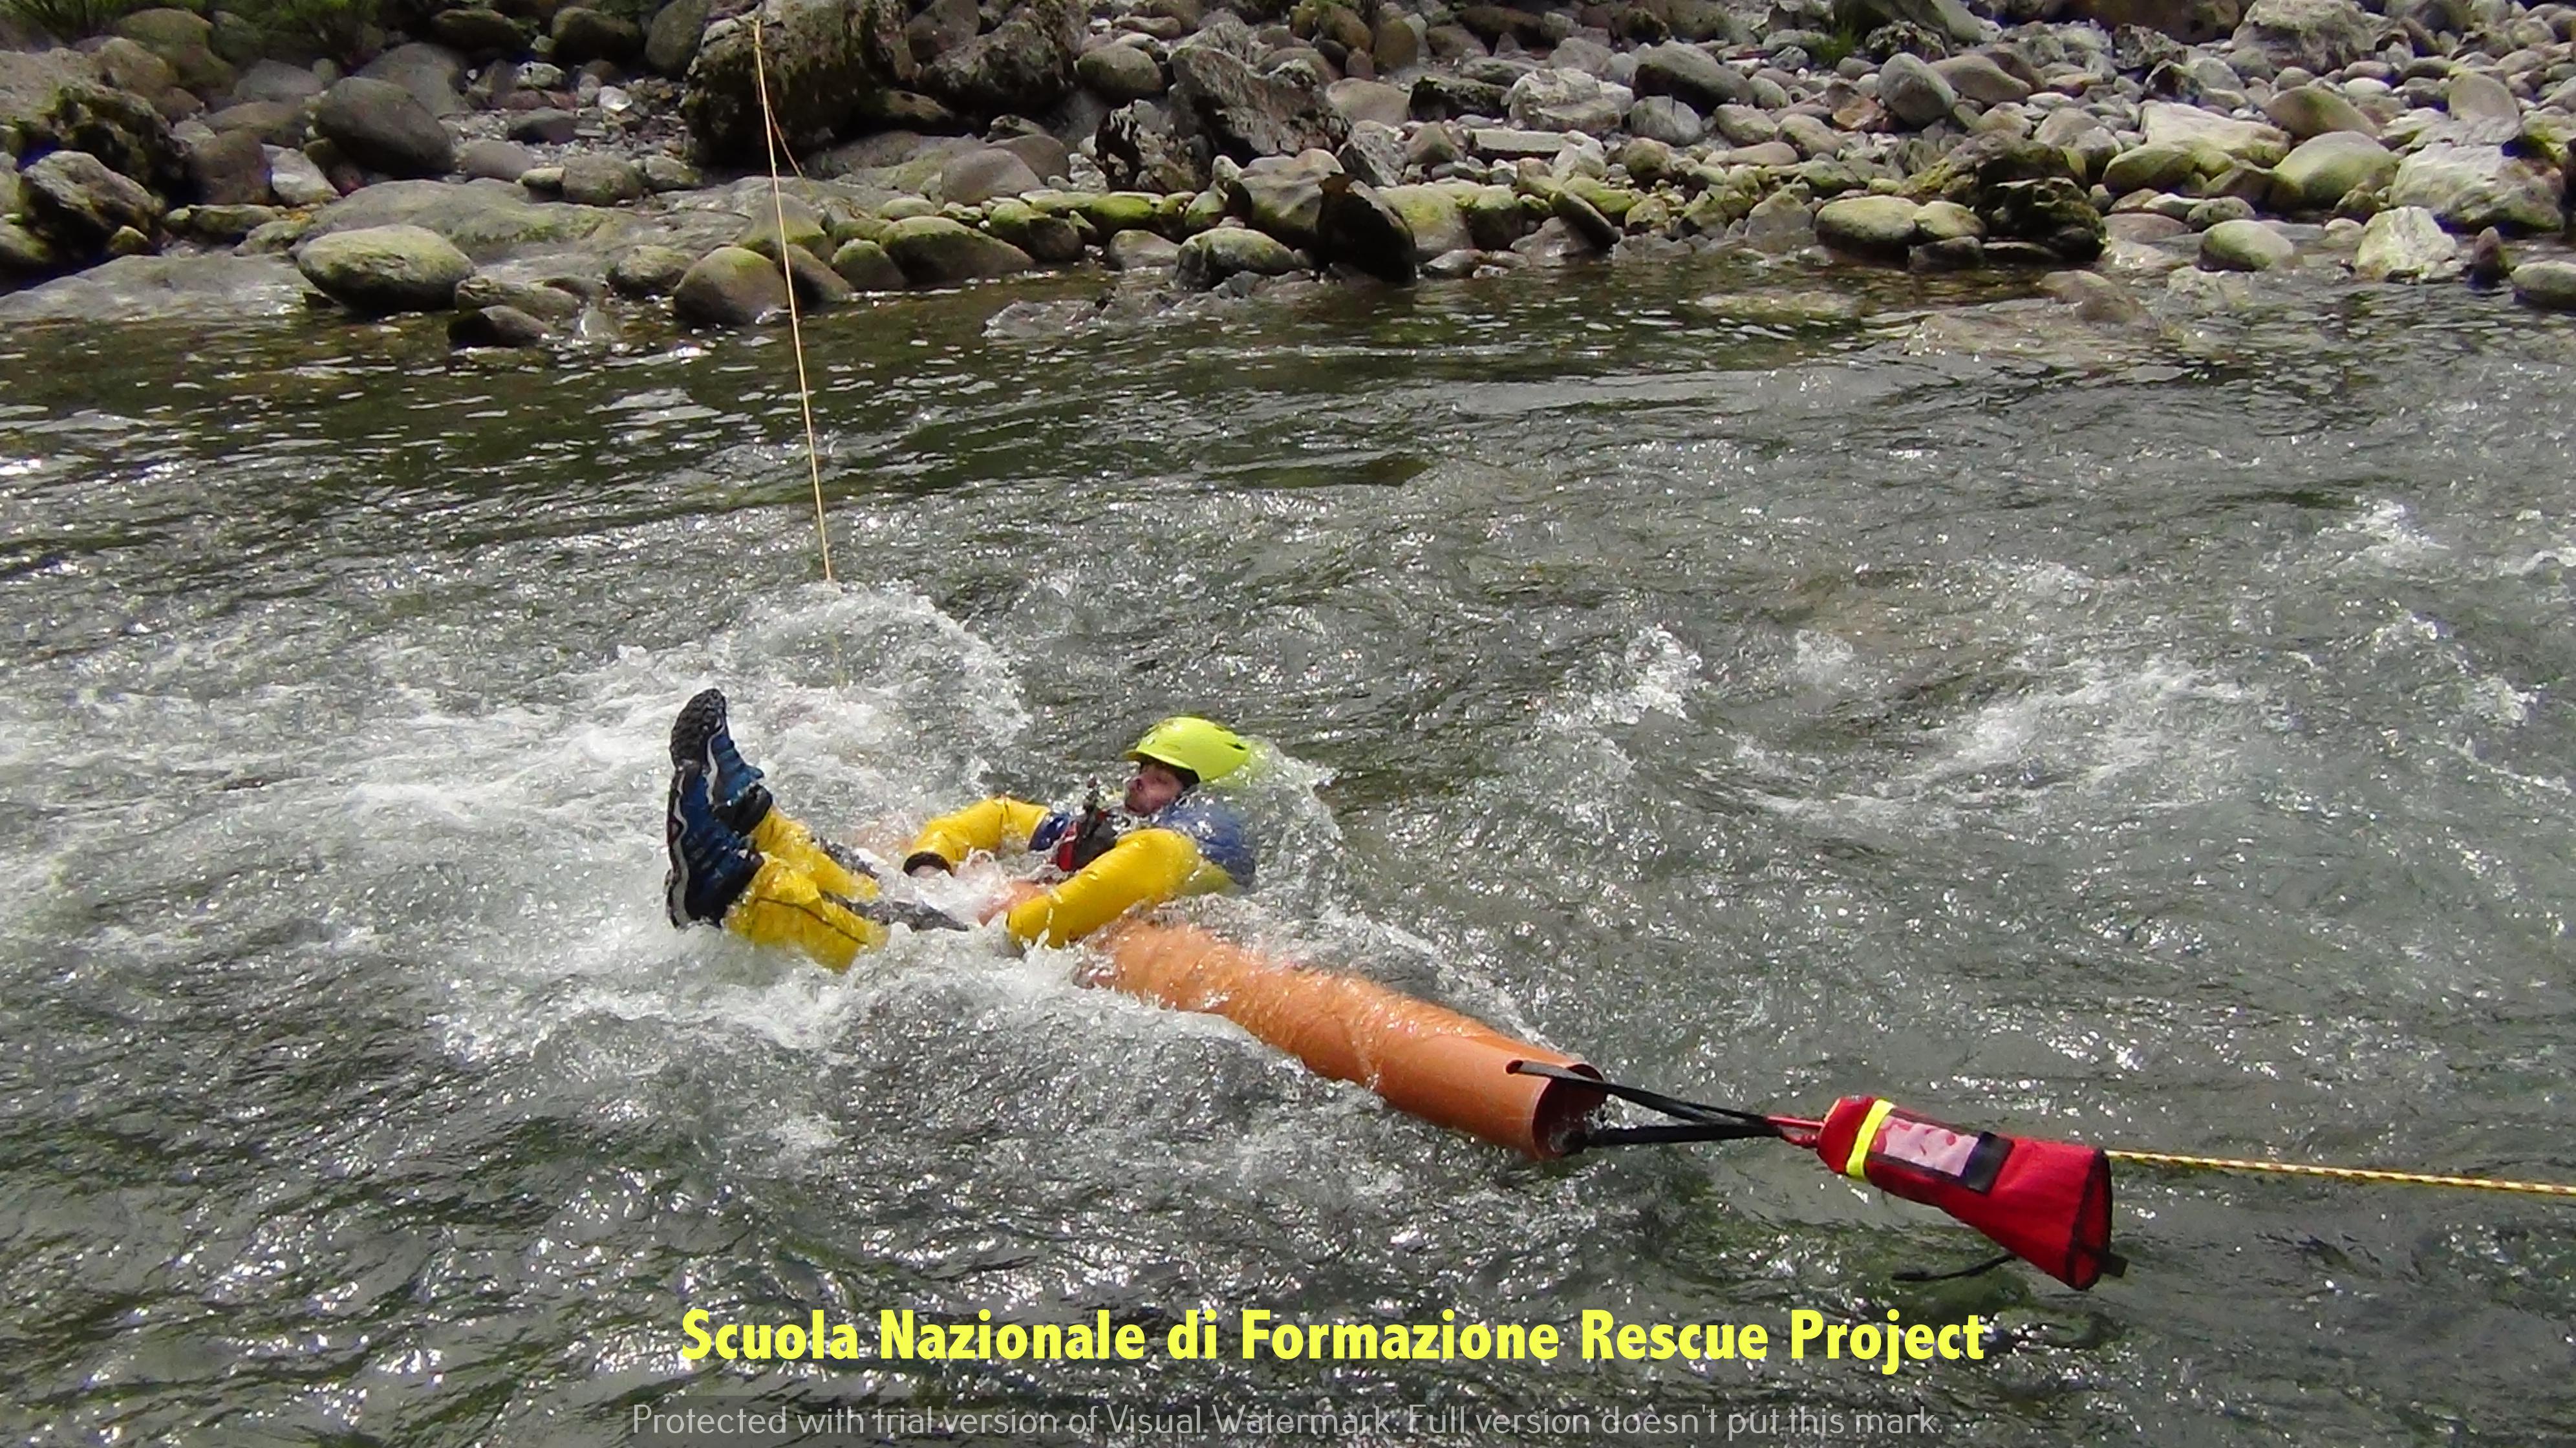 Scuola Nazionale di Formazione  Rescue Project70